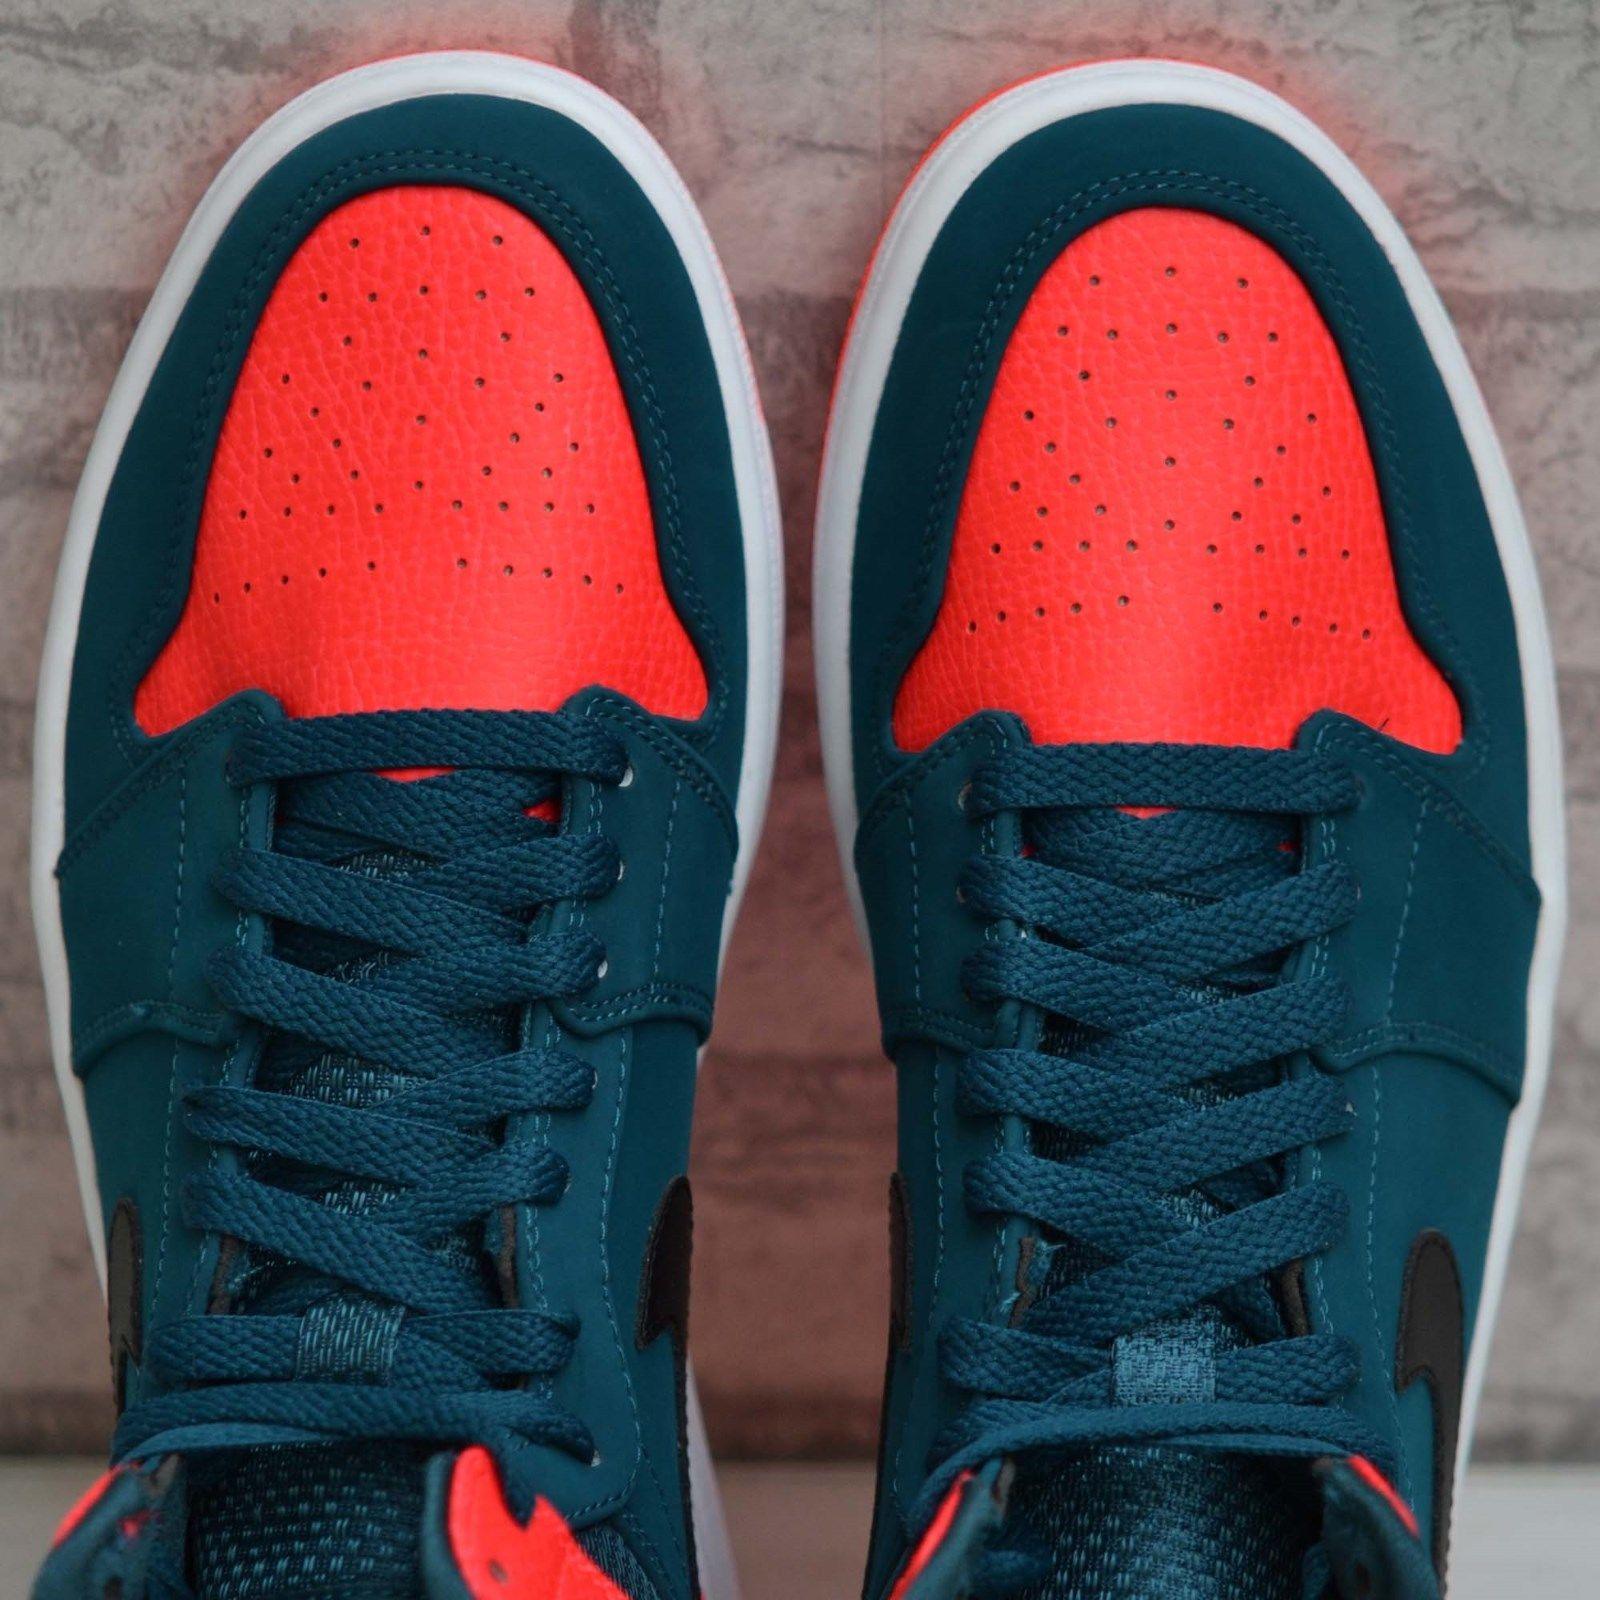 Air Jordan 6 'Cactus' WearTesters